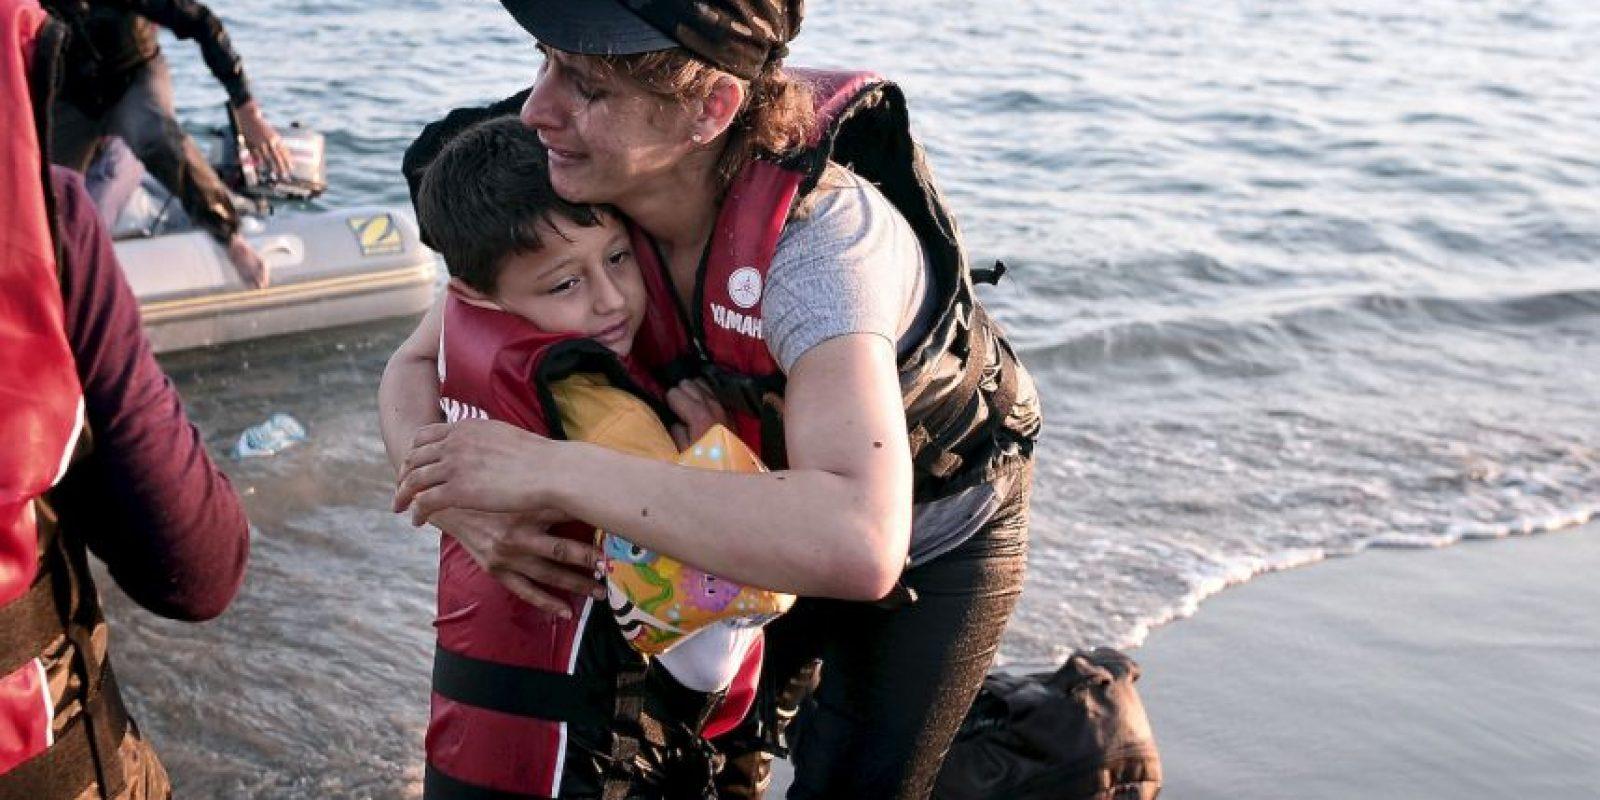 Migrante abraza a su hijo al llegar a las costas de Grecia. Foto:AFP